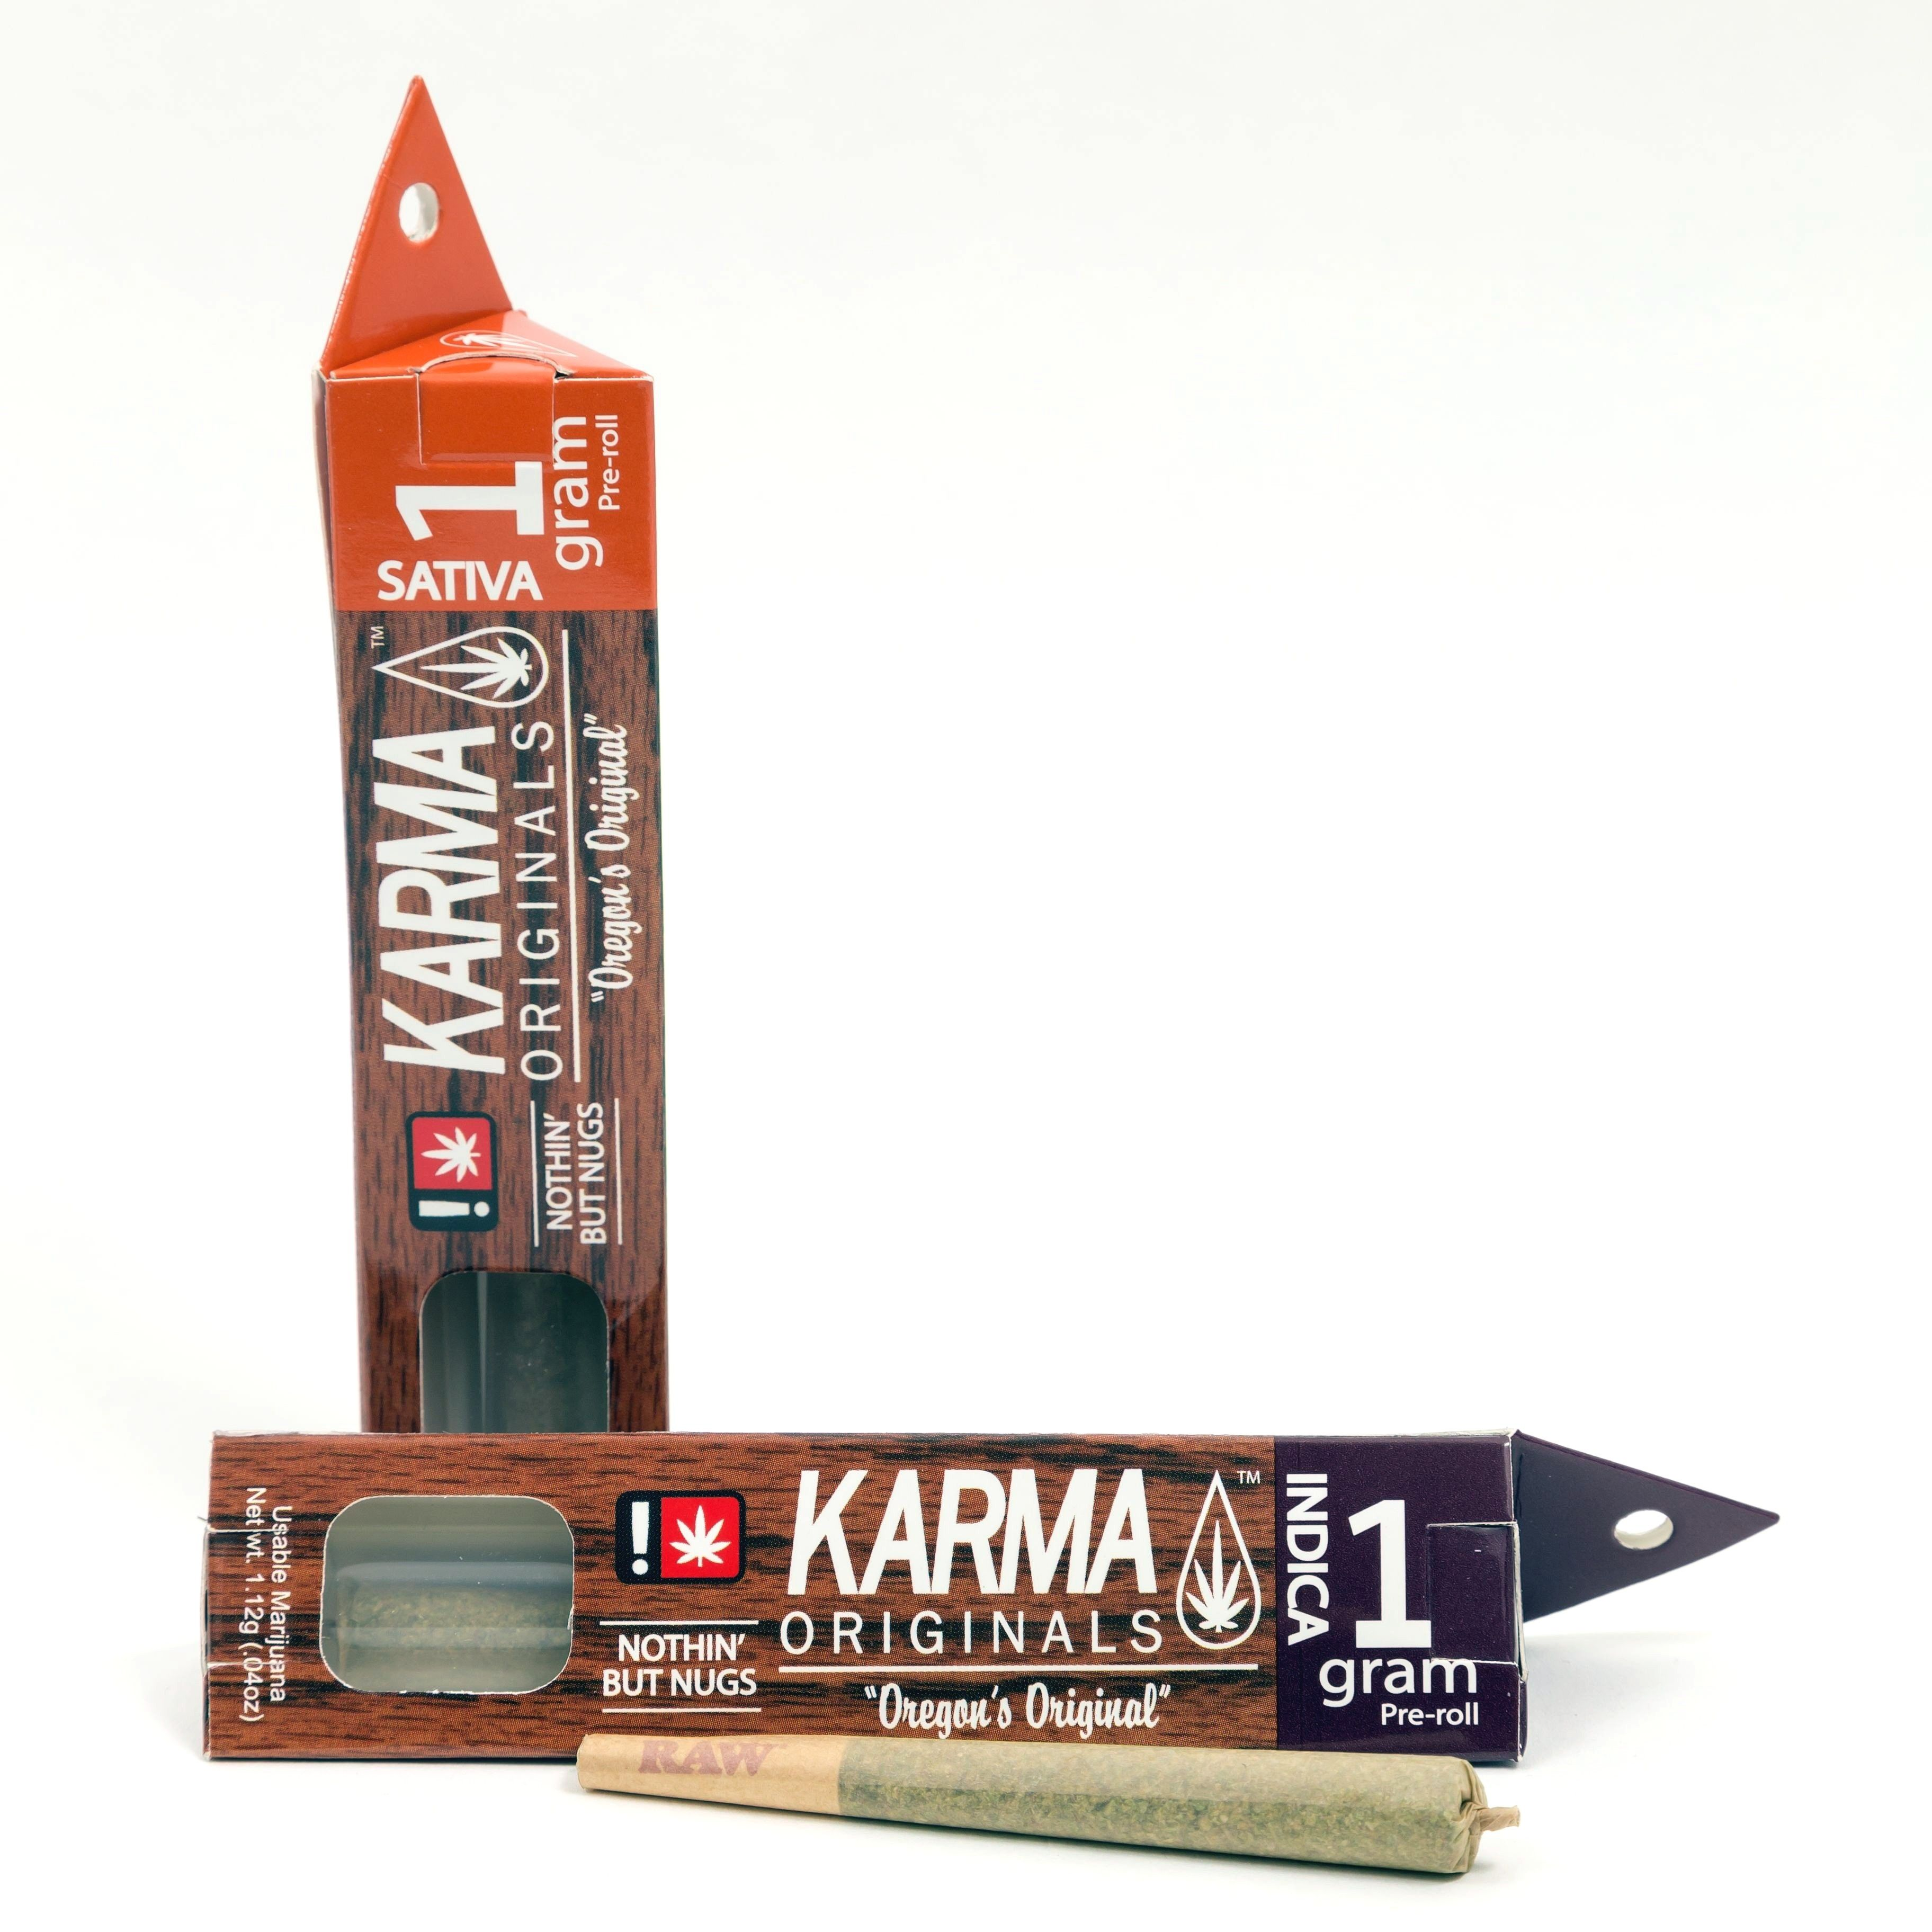 Karma Originals - Gasoline Dreams 0.5g, Sativa, Pre-roll